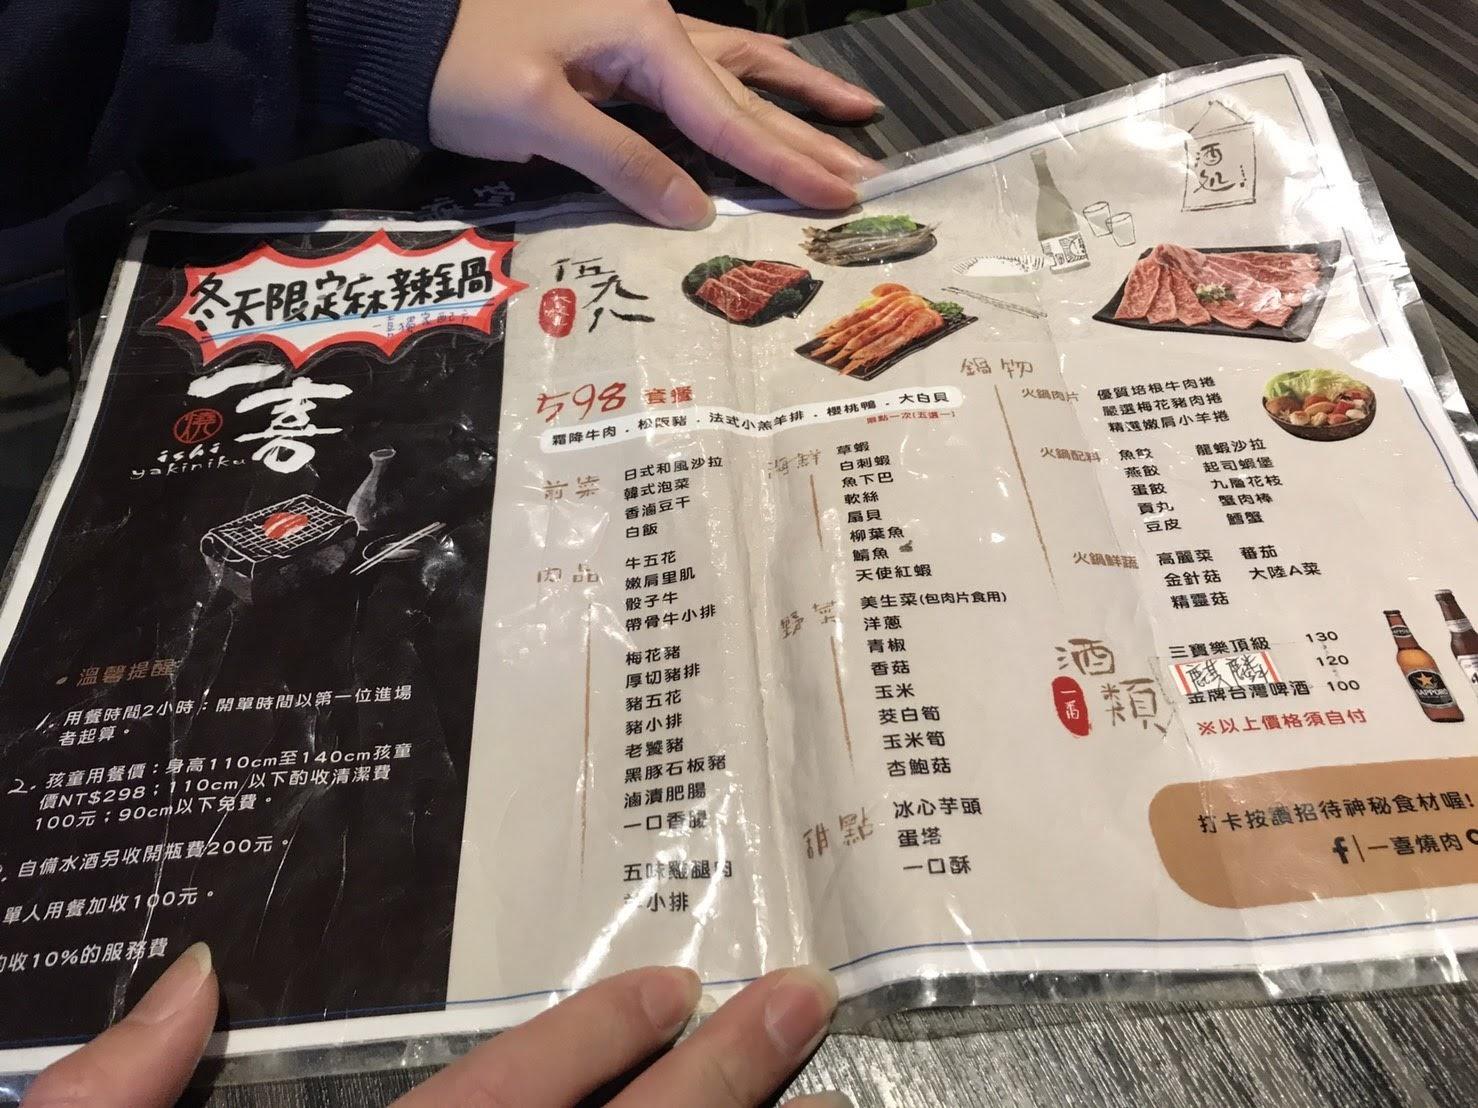 一喜燒肉 菜單